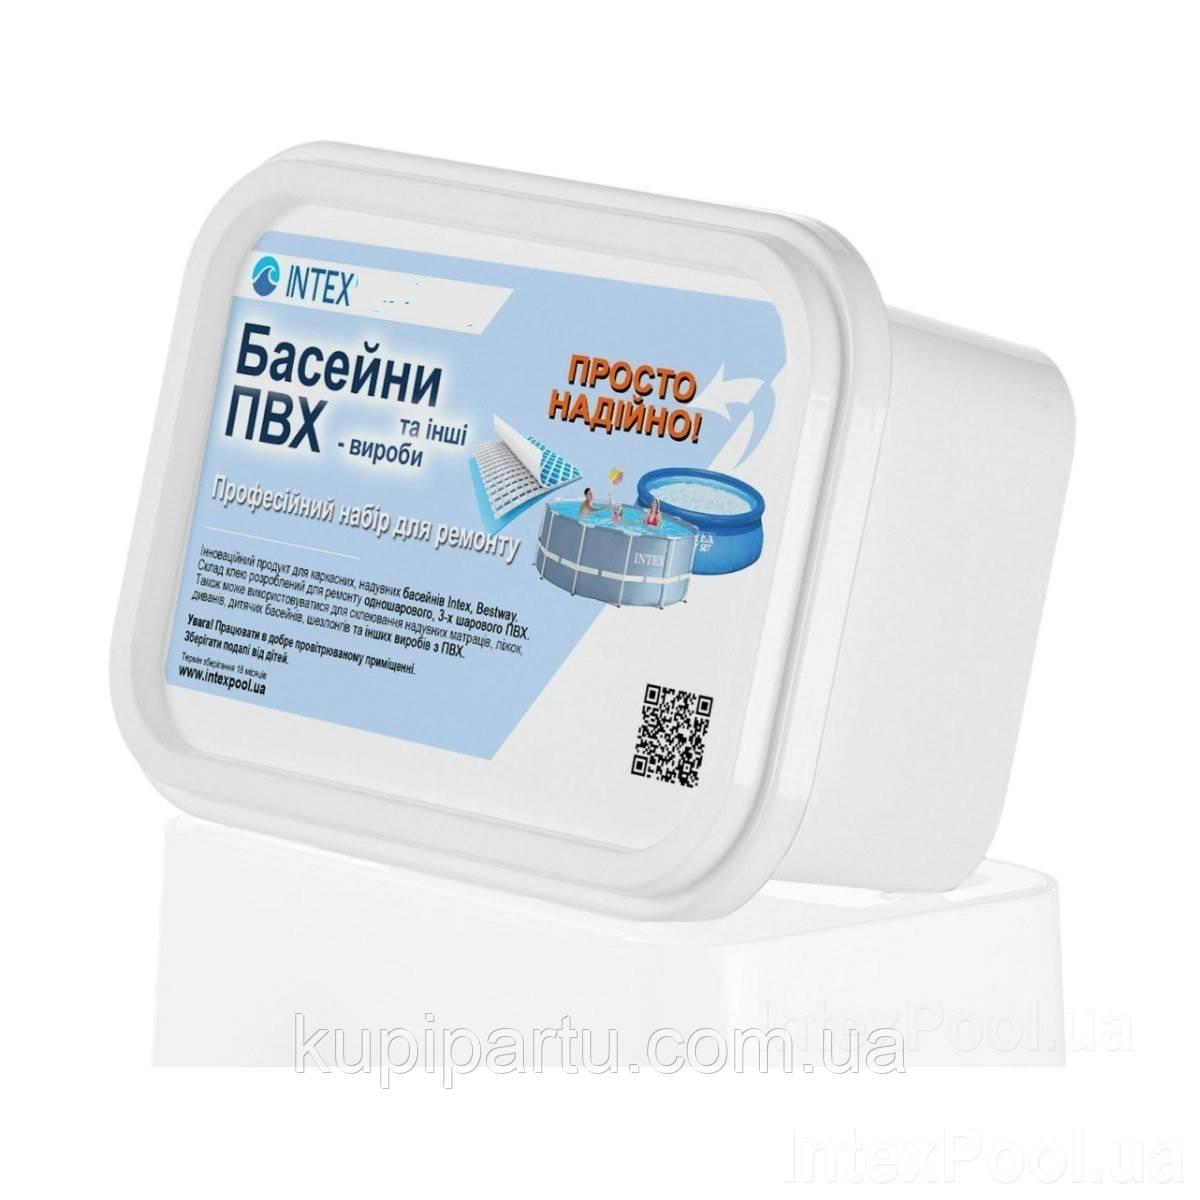 Ремонтний набір MAX IntexPool 3390 для басейнів (каркасних, надувних)